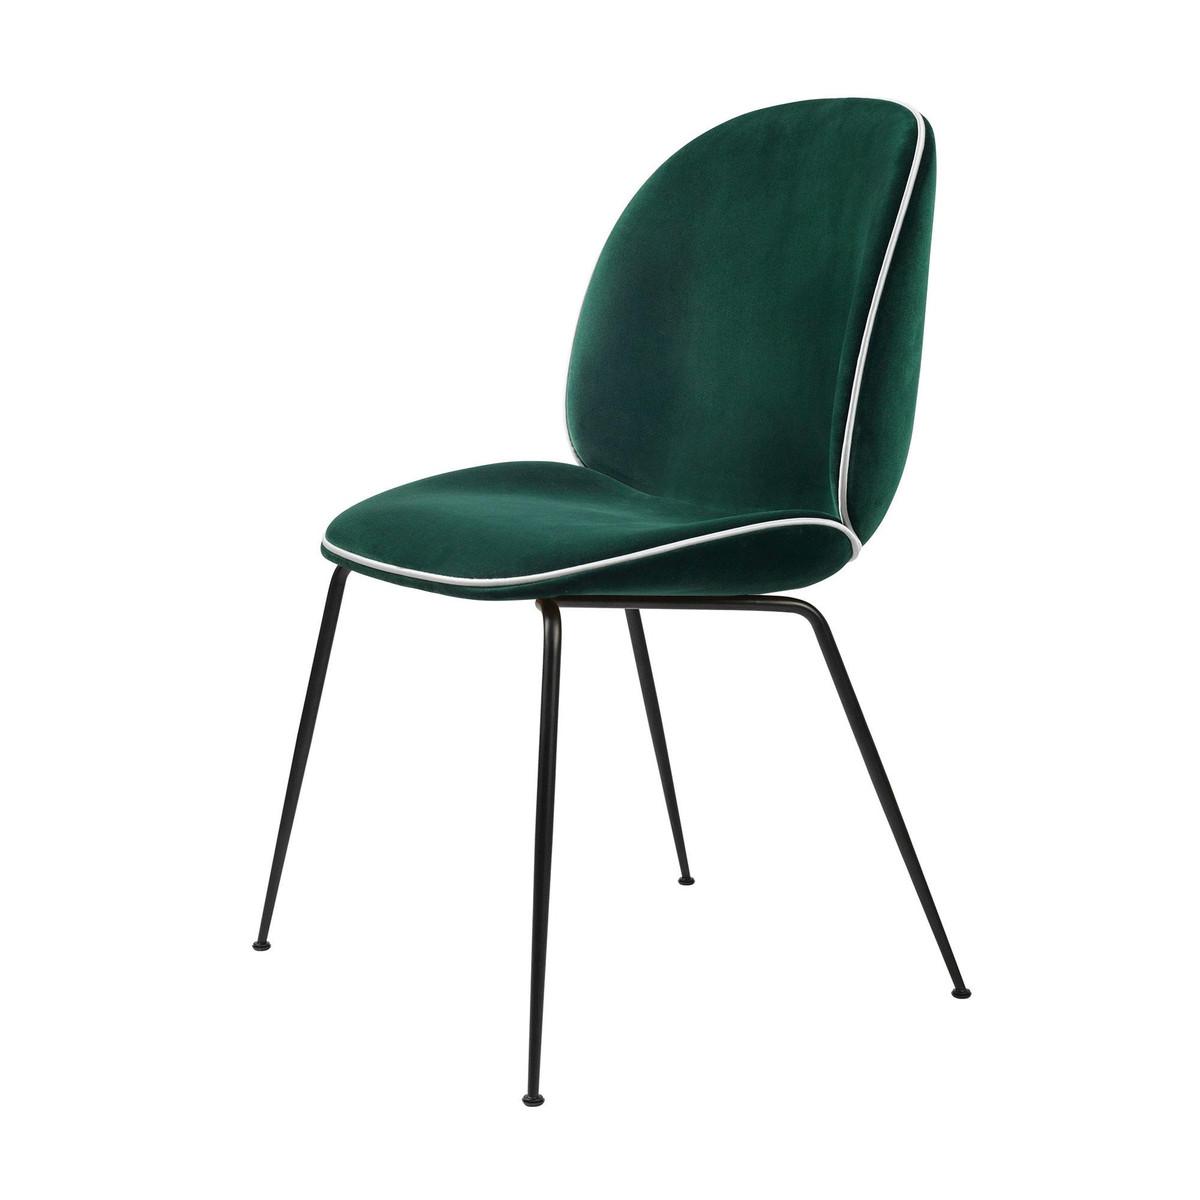 Beetle Chair Samtpolster und Gestell schwarz Gubi  : none1200x1200 ID1680267 b3ff69e626cb5793bd5def60d936f488 from www.ambientedirect.com size 1200 x 1200 jpeg 84kB